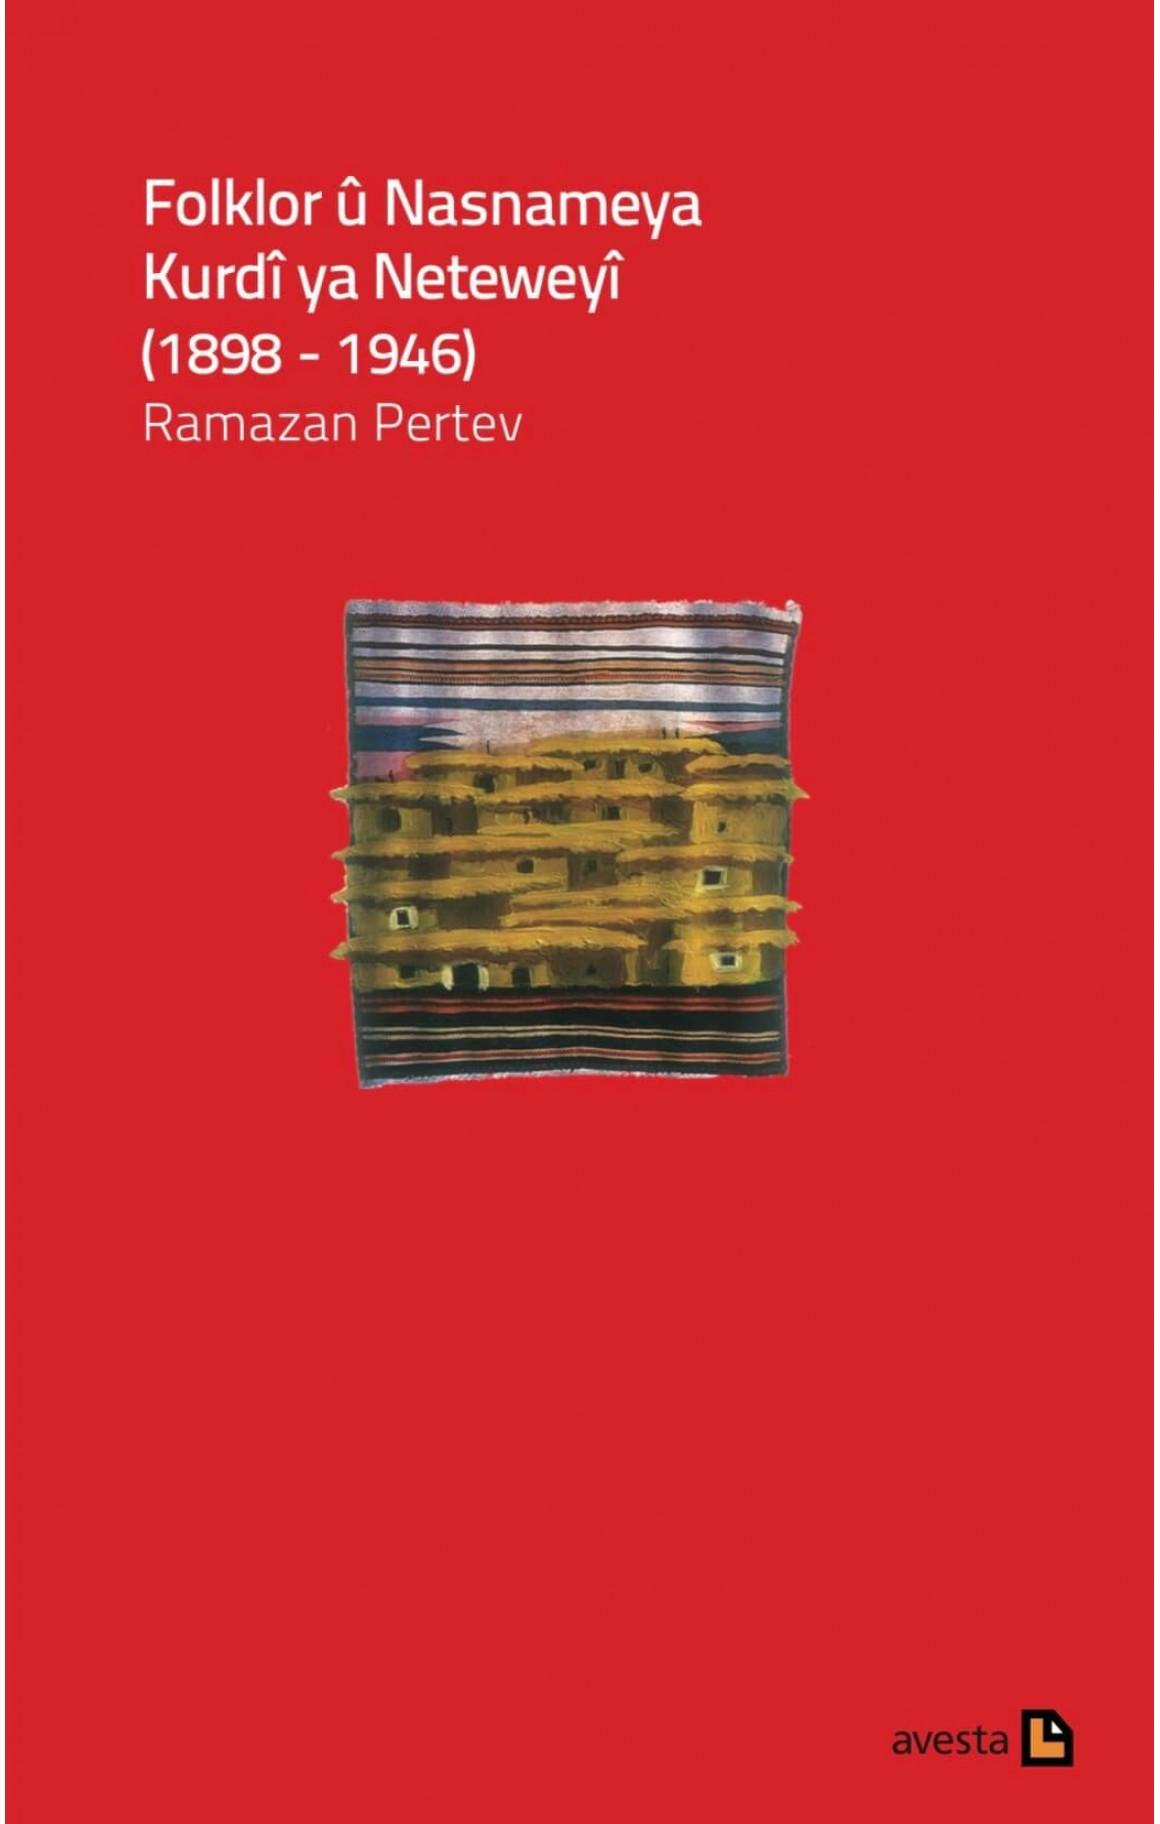 Folklor û Nasnameya Kurdî ya Neteweyî (1898 - 1946)